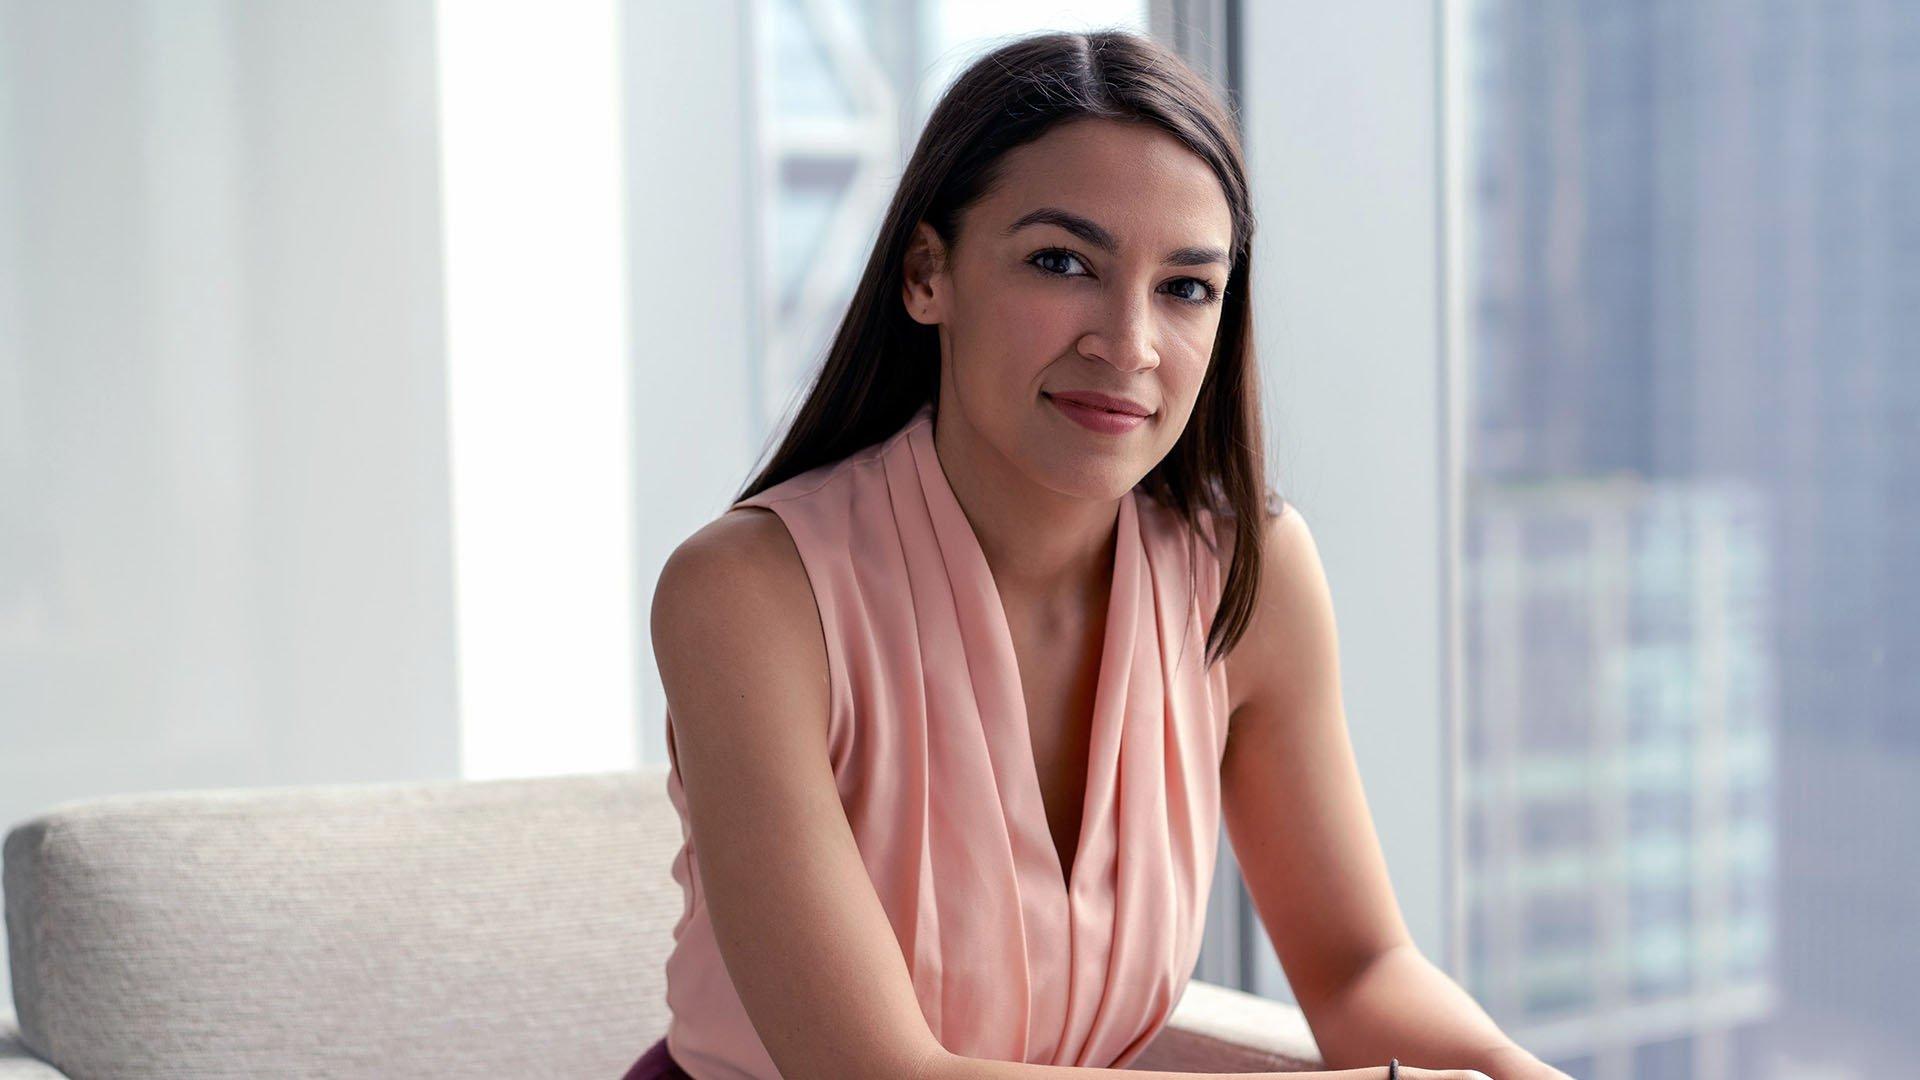 Alexandria Ocasio-Cortez è la promessa politica americana apparsa anche su Netflix